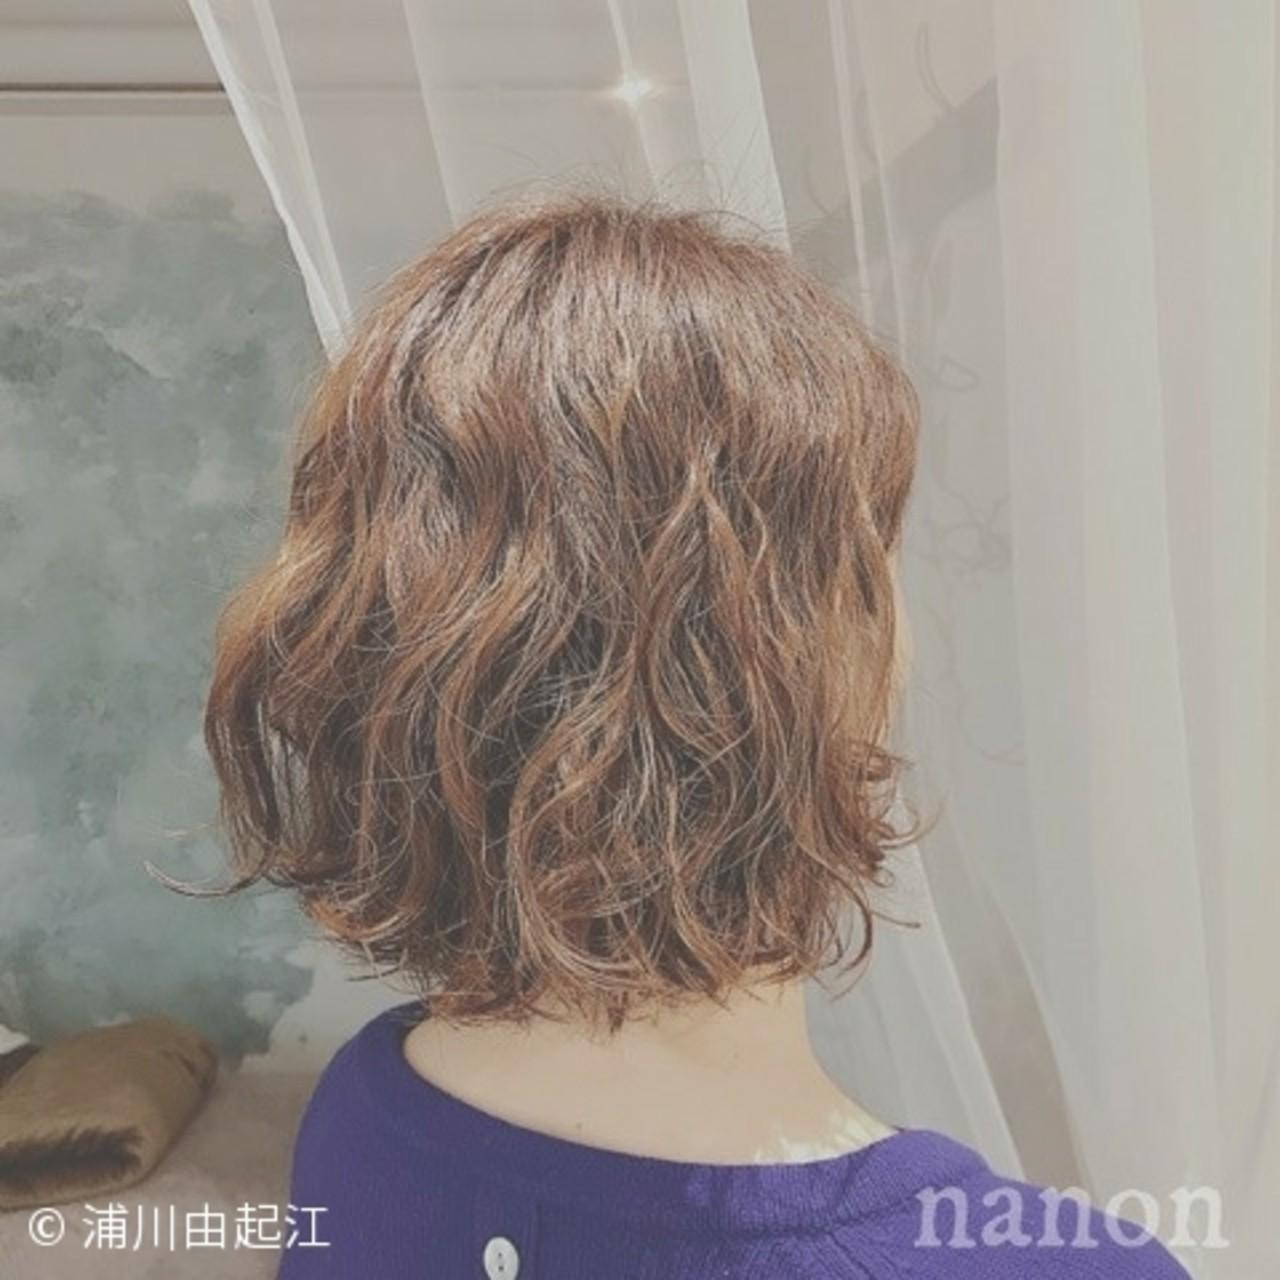 ゆるふわ ガーリー ボブ パーマヘアスタイルや髪型の写真・画像